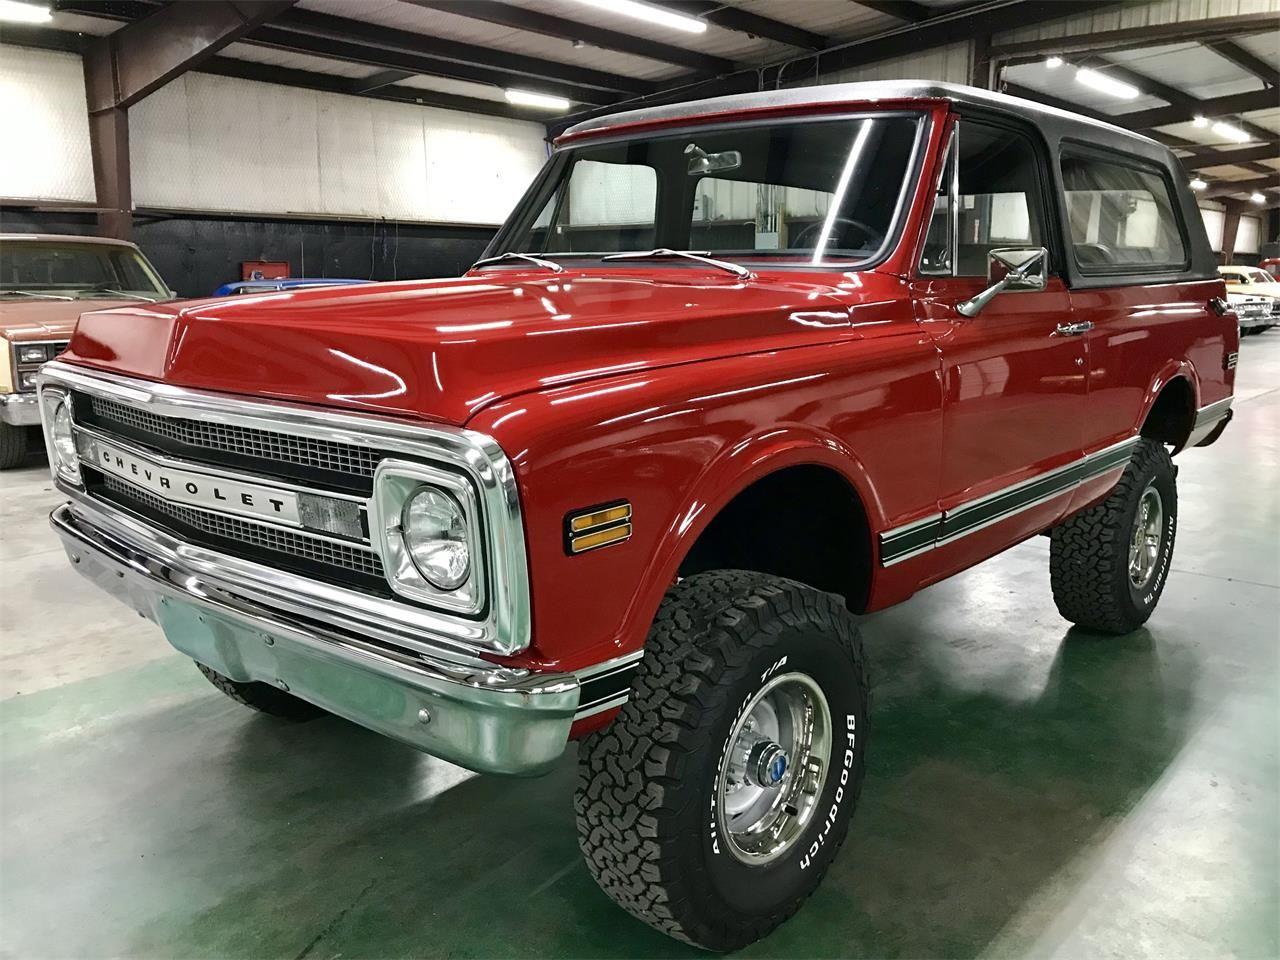 Photo Of 70 Blazer Qxxg Chevrolet Blazer Chevrolet